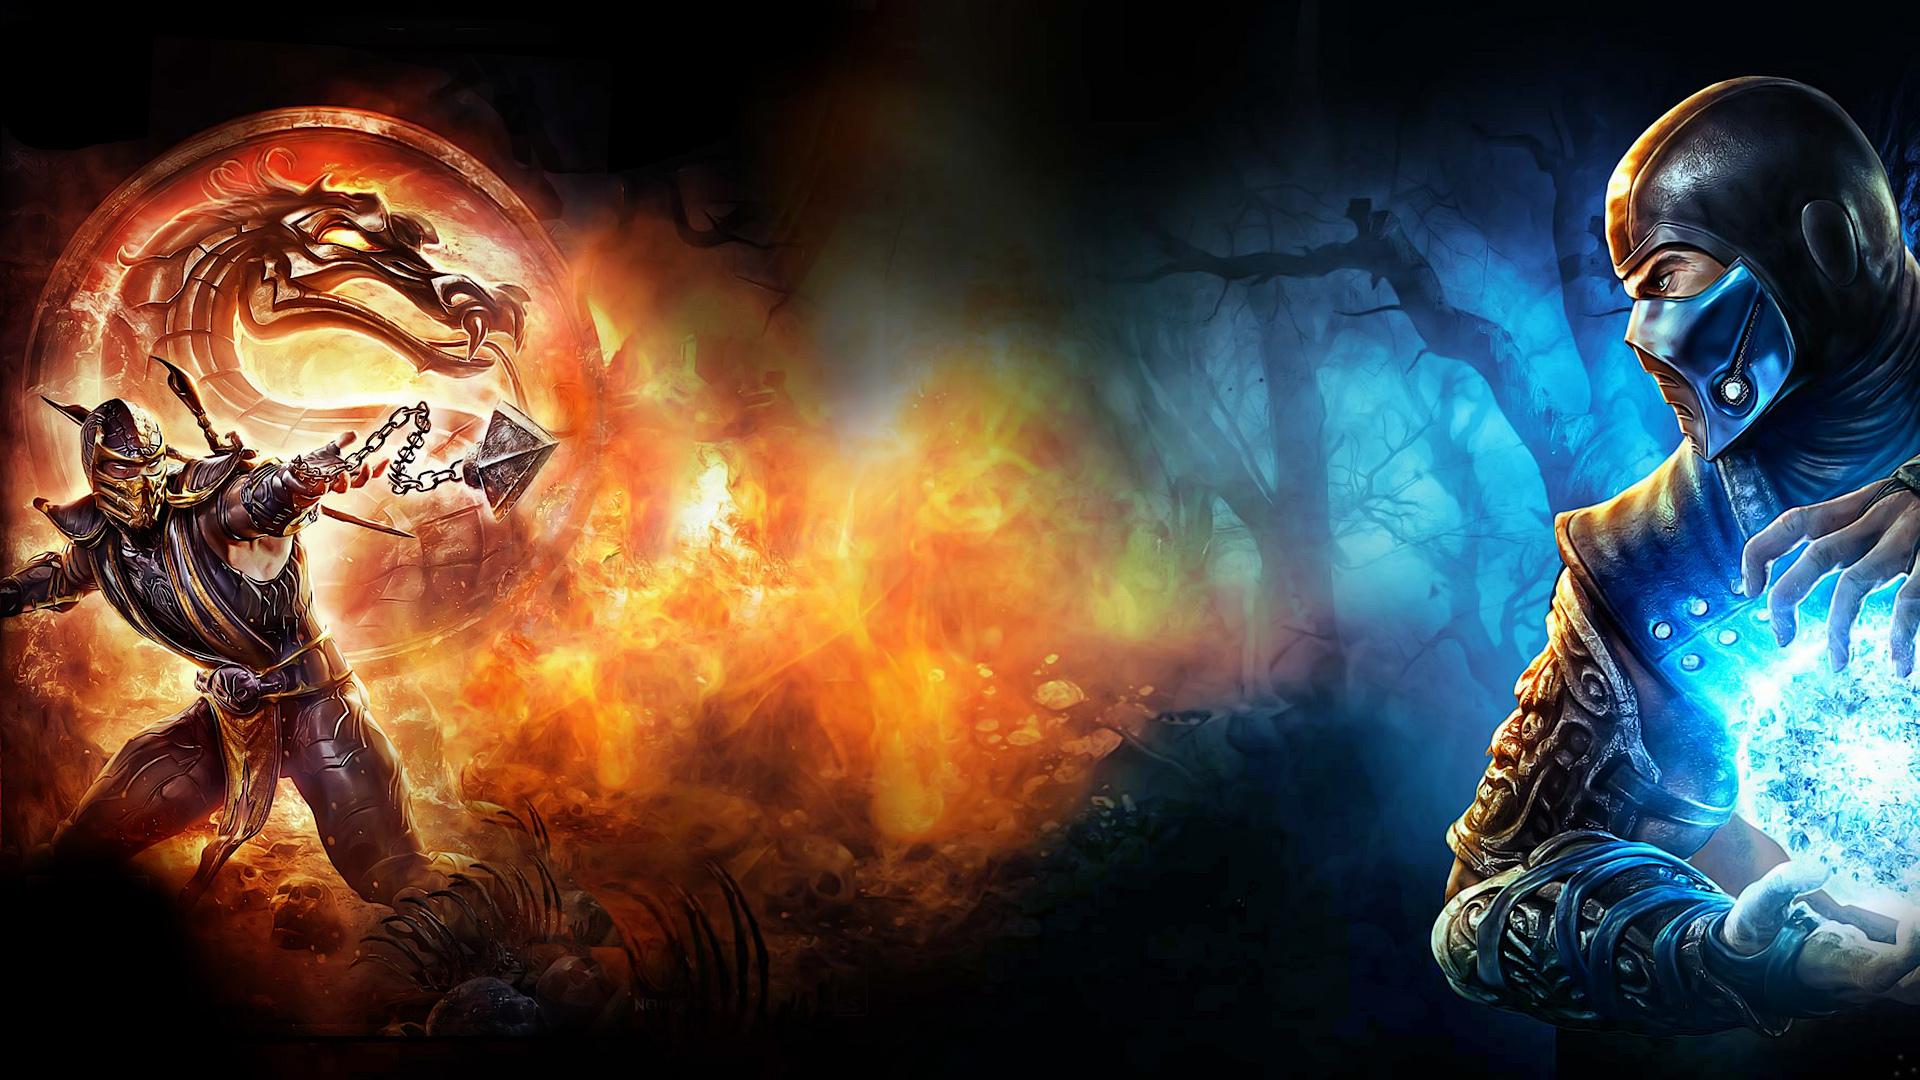 Mortal Kombat HD Wallpaper Background Image 1920x1080 ID 1920x1080